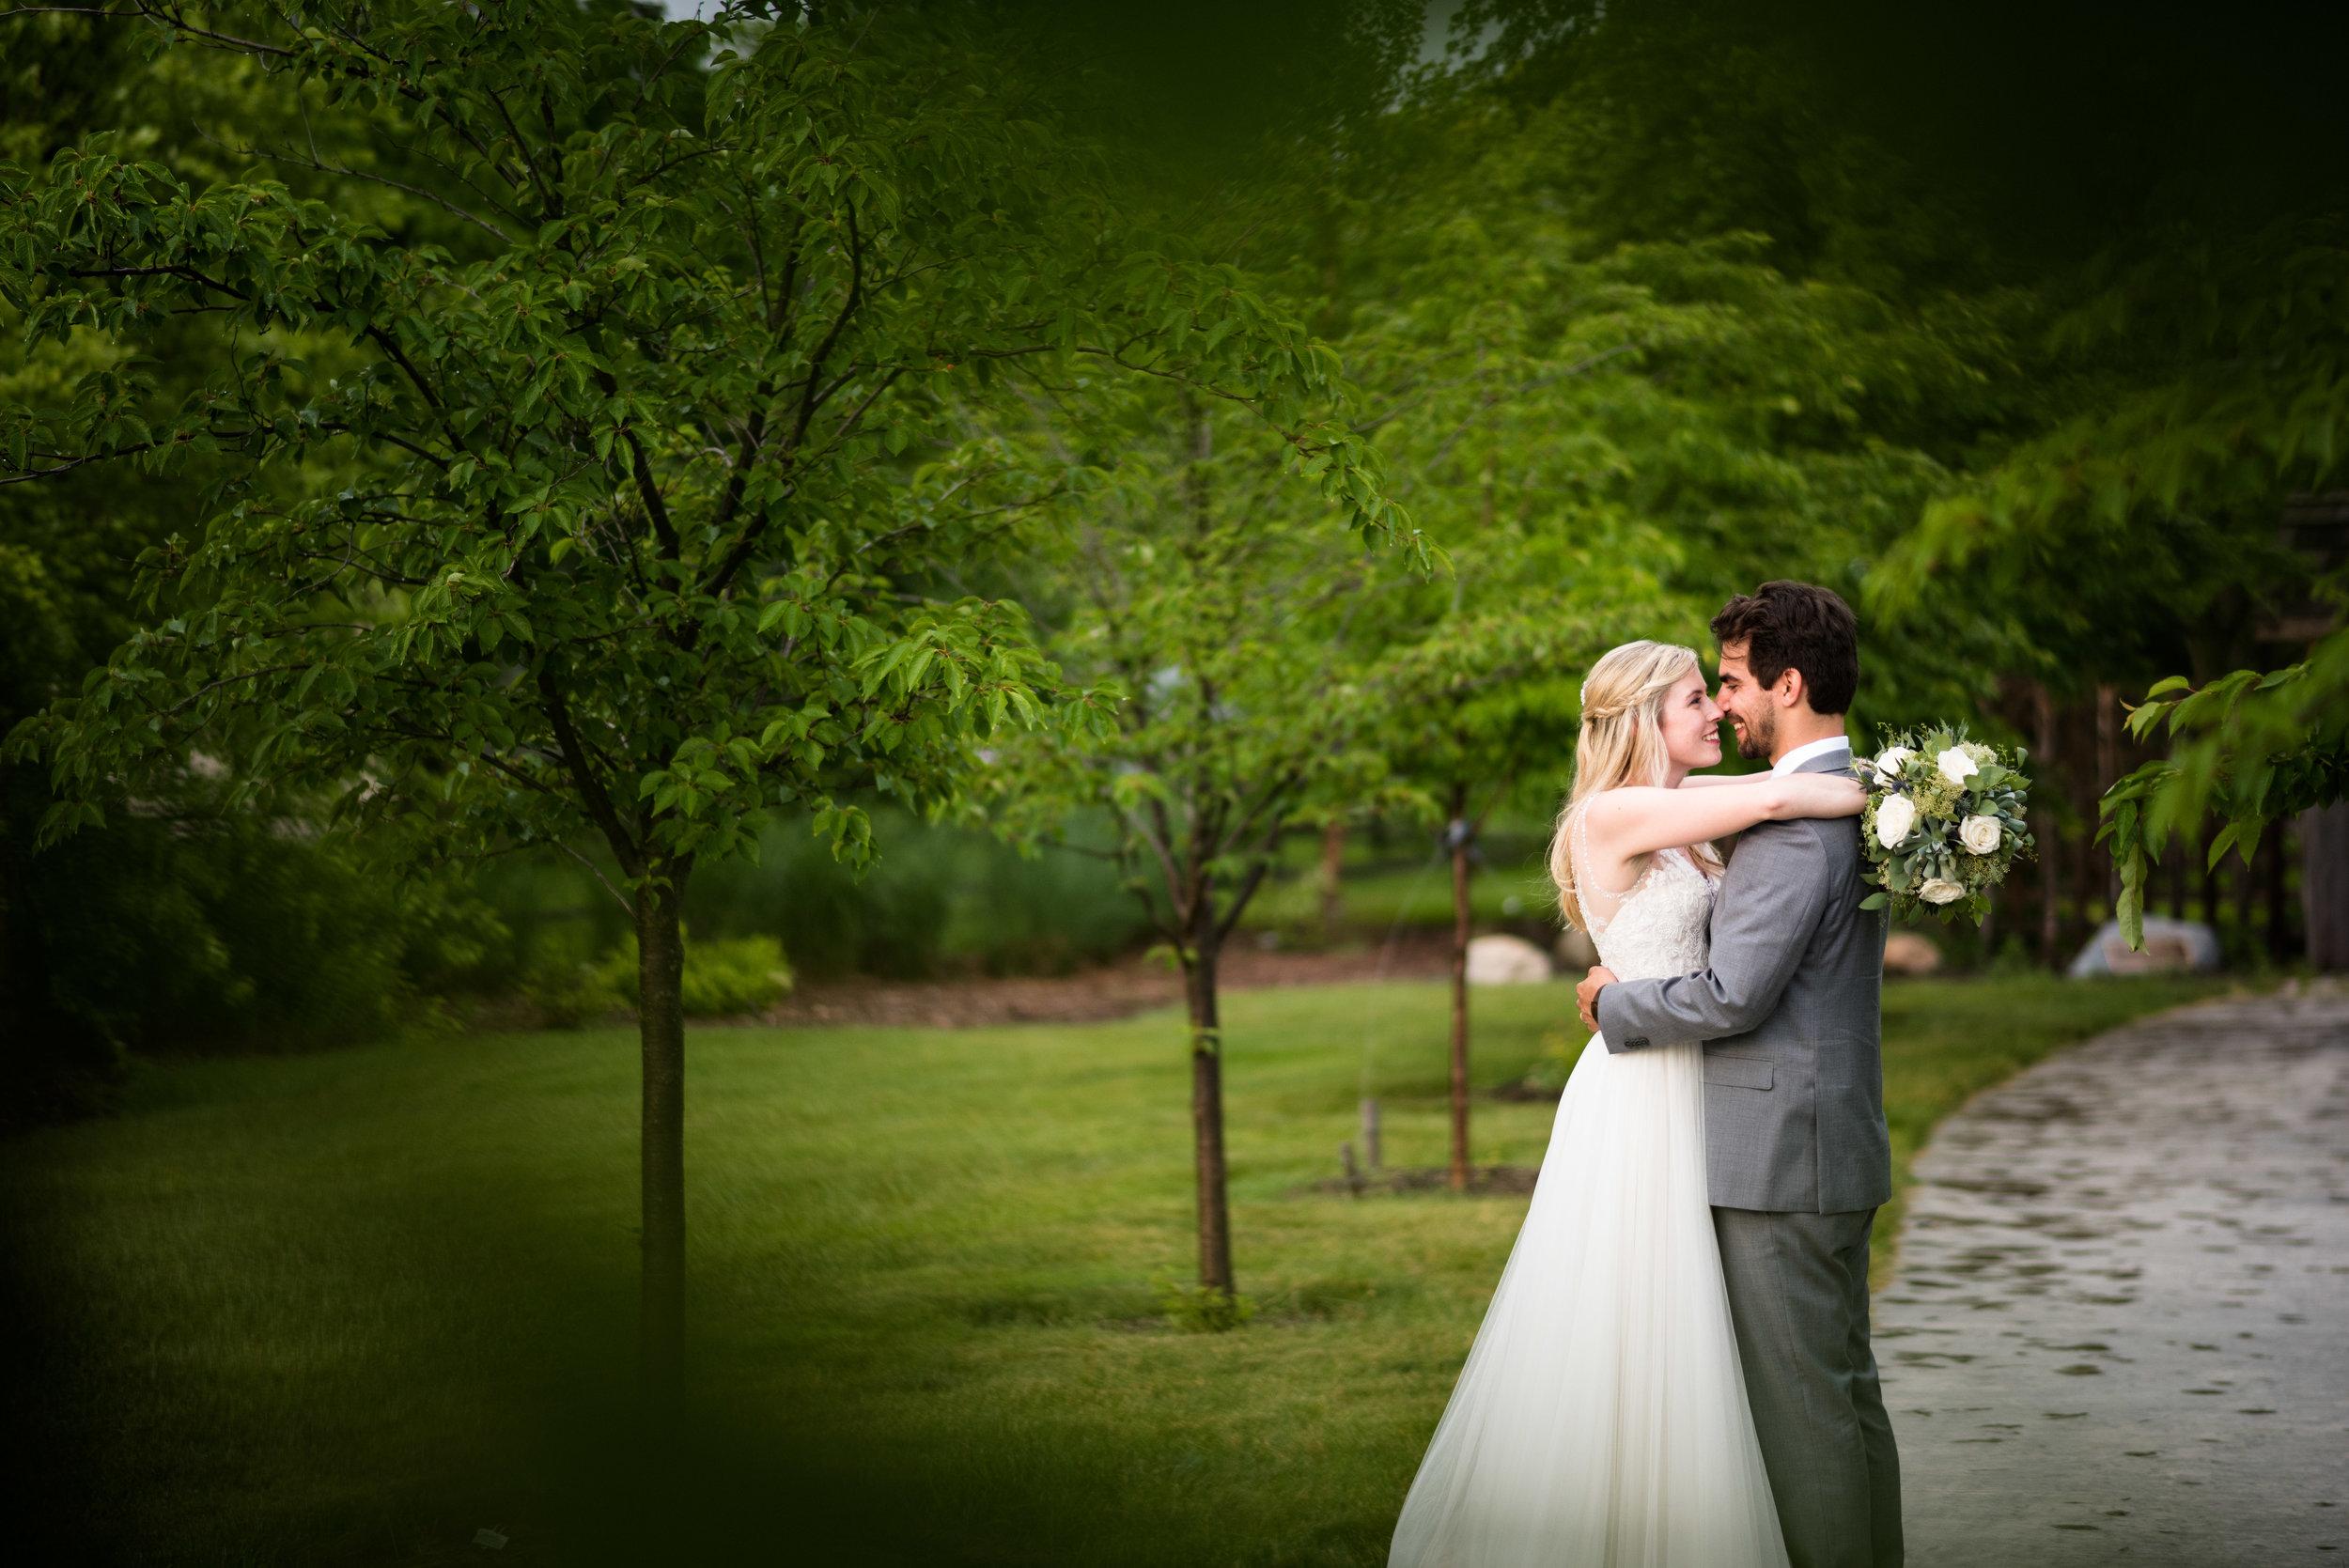 simpson garden park wedding photography